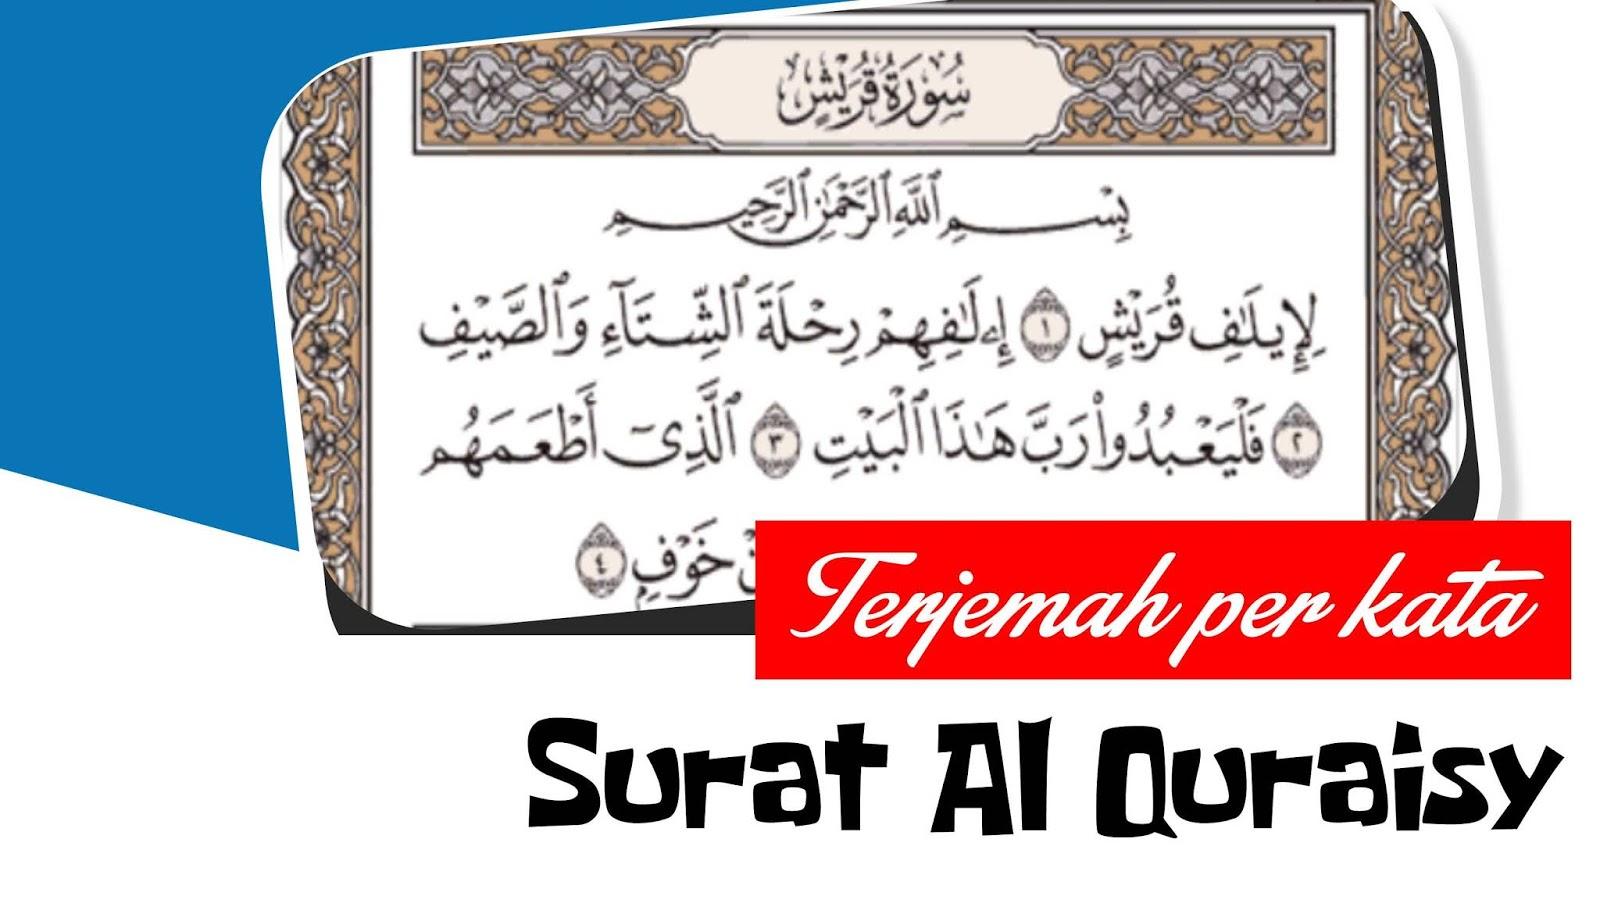 Terjemah Per Kata Surat Al Quraisy